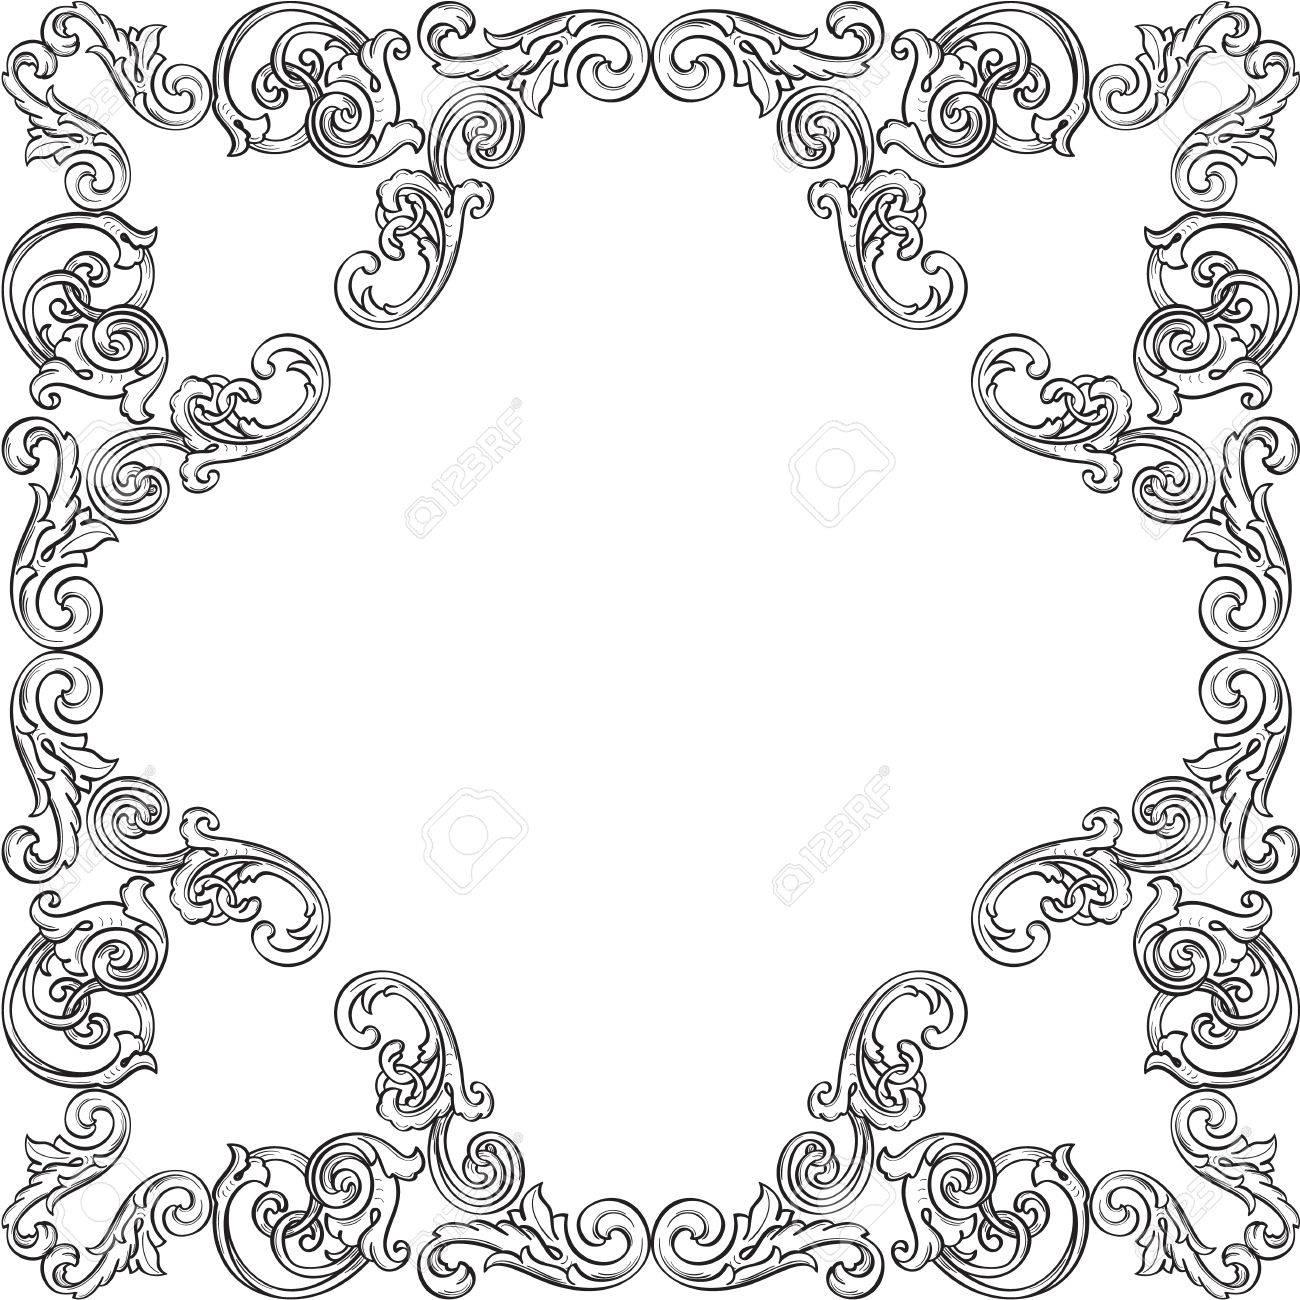 Retro Viktorianischen Rahmen Isoliert Auf Weiß Lizenzfrei Nutzbare ...